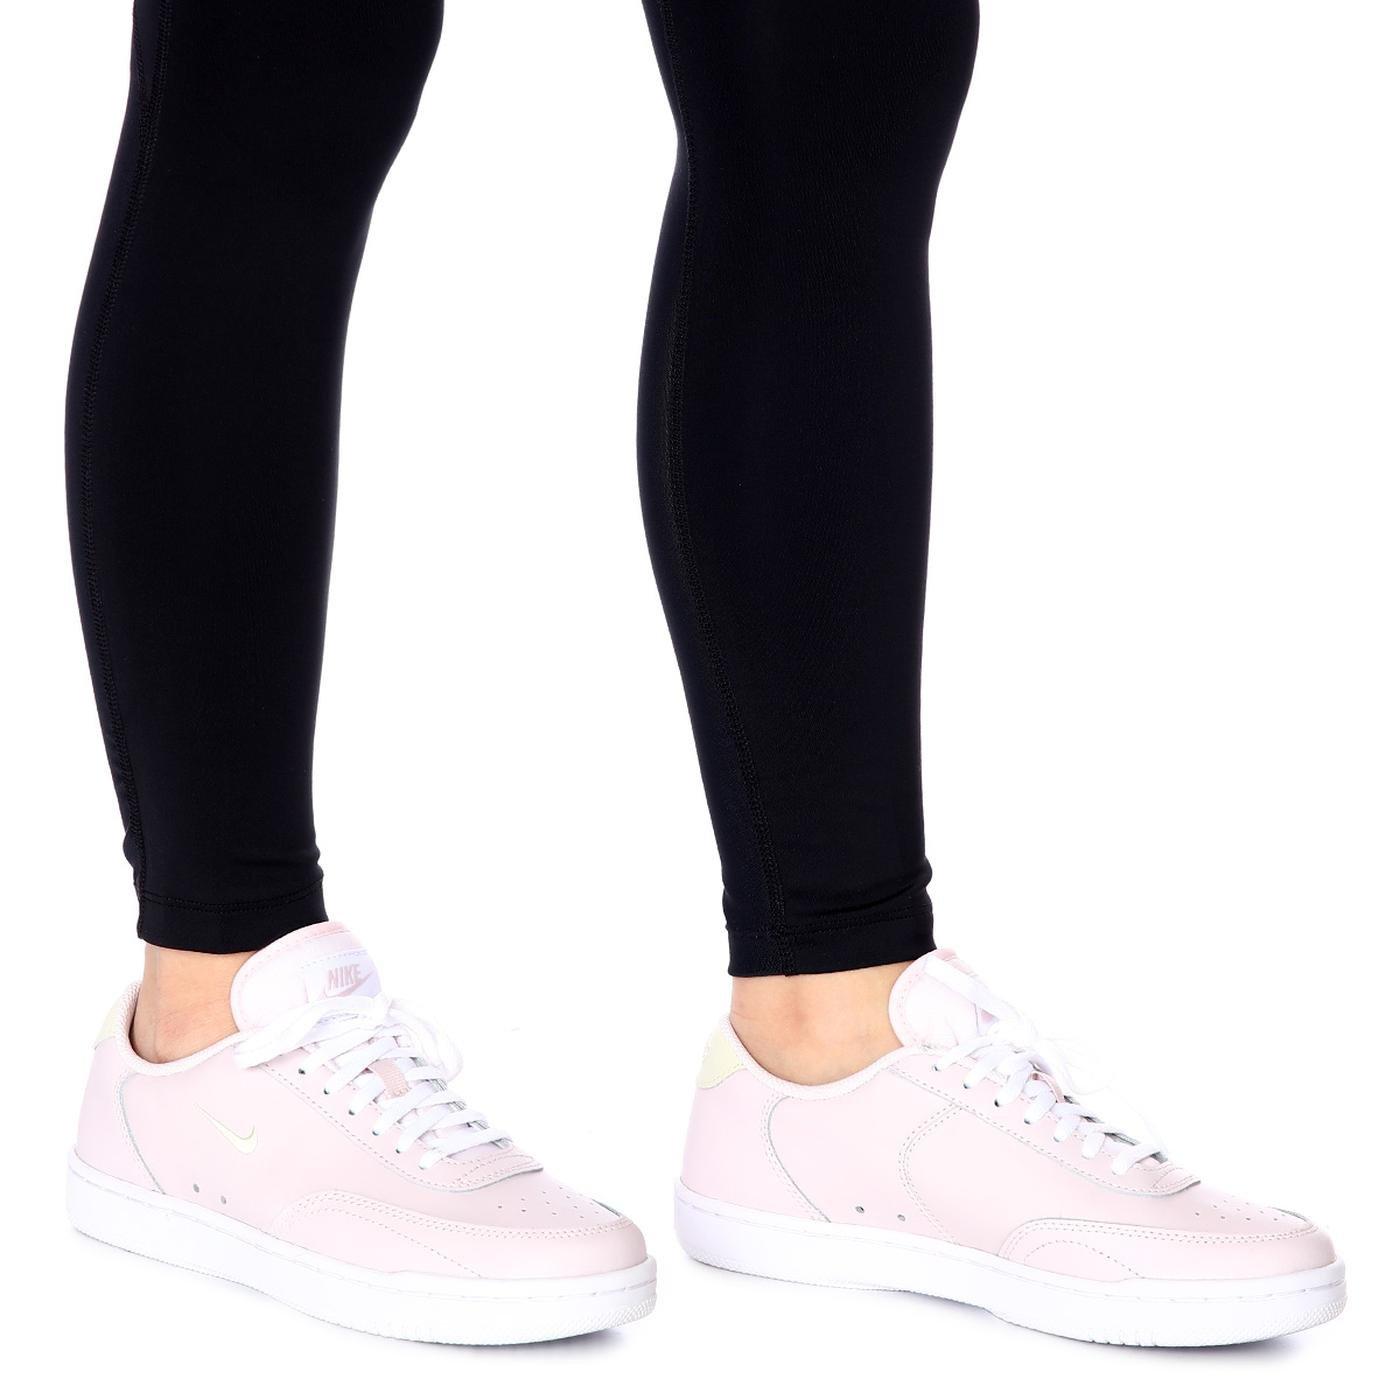 Court Vintage Kadın Pembe Spor Ayakkabı (CJ1676-600)